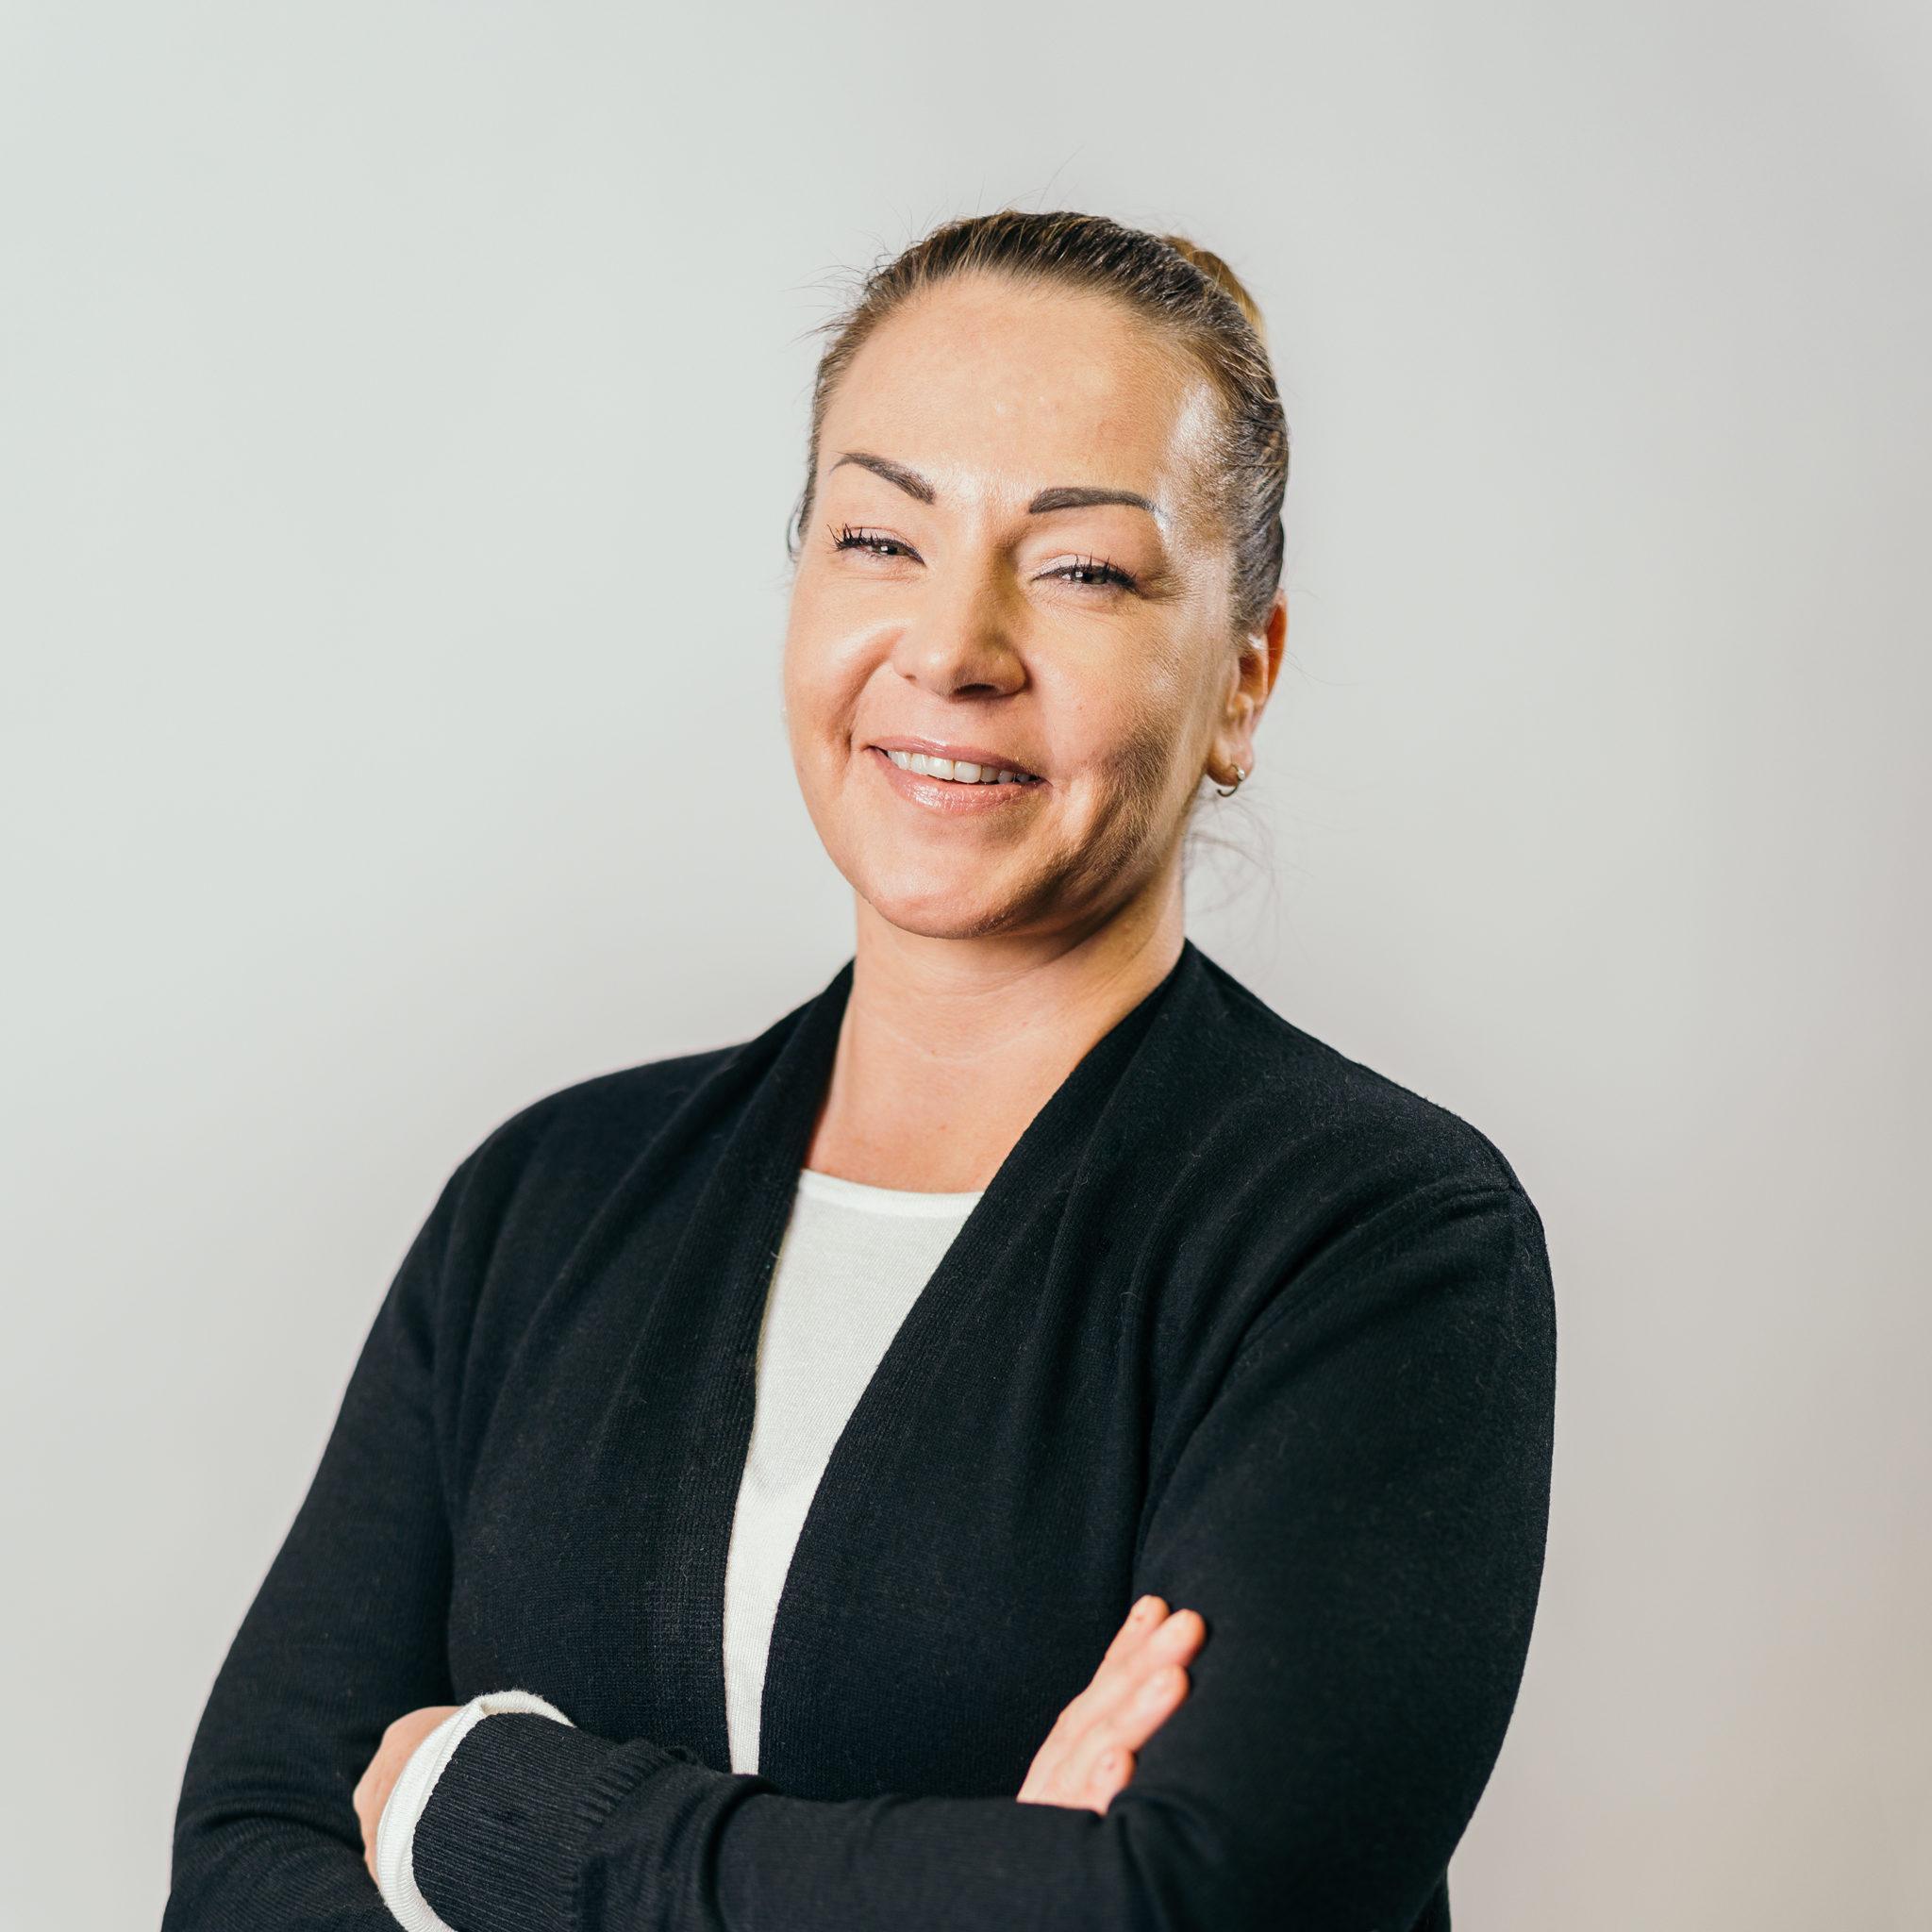 Photo of Hanna Tuovinen